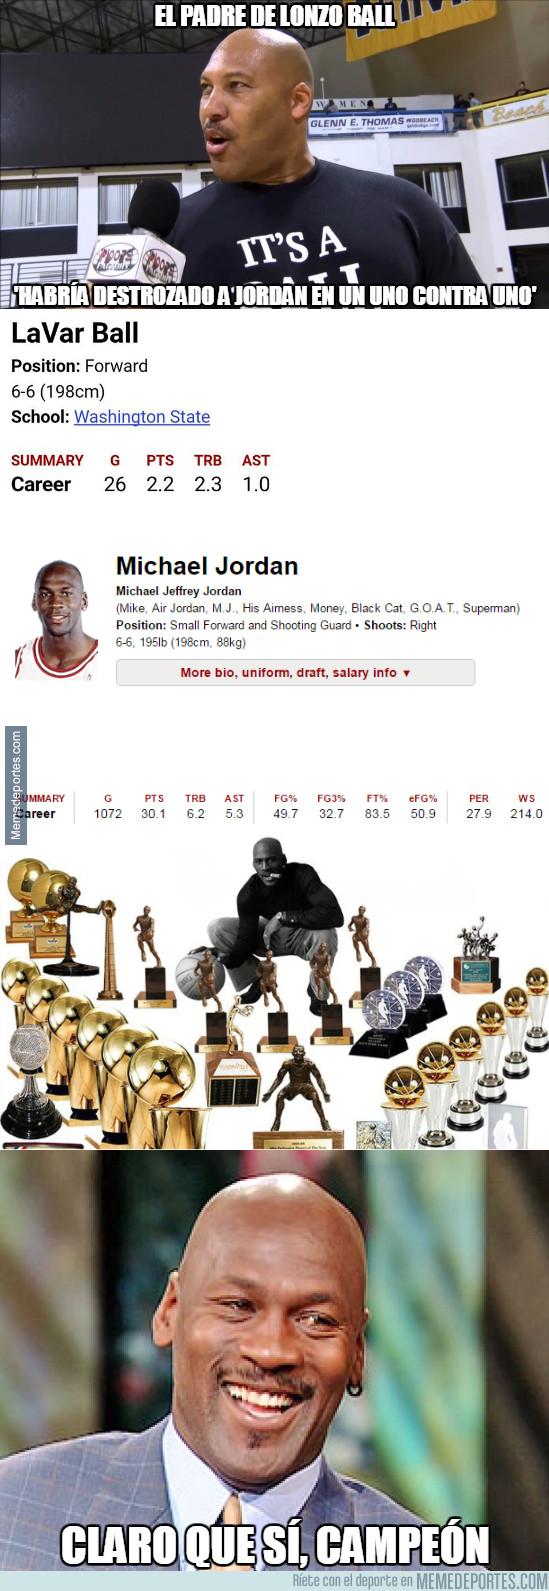 958934 - Mientras tanto el Padre de Lonzo Ball prospecto de la NBA